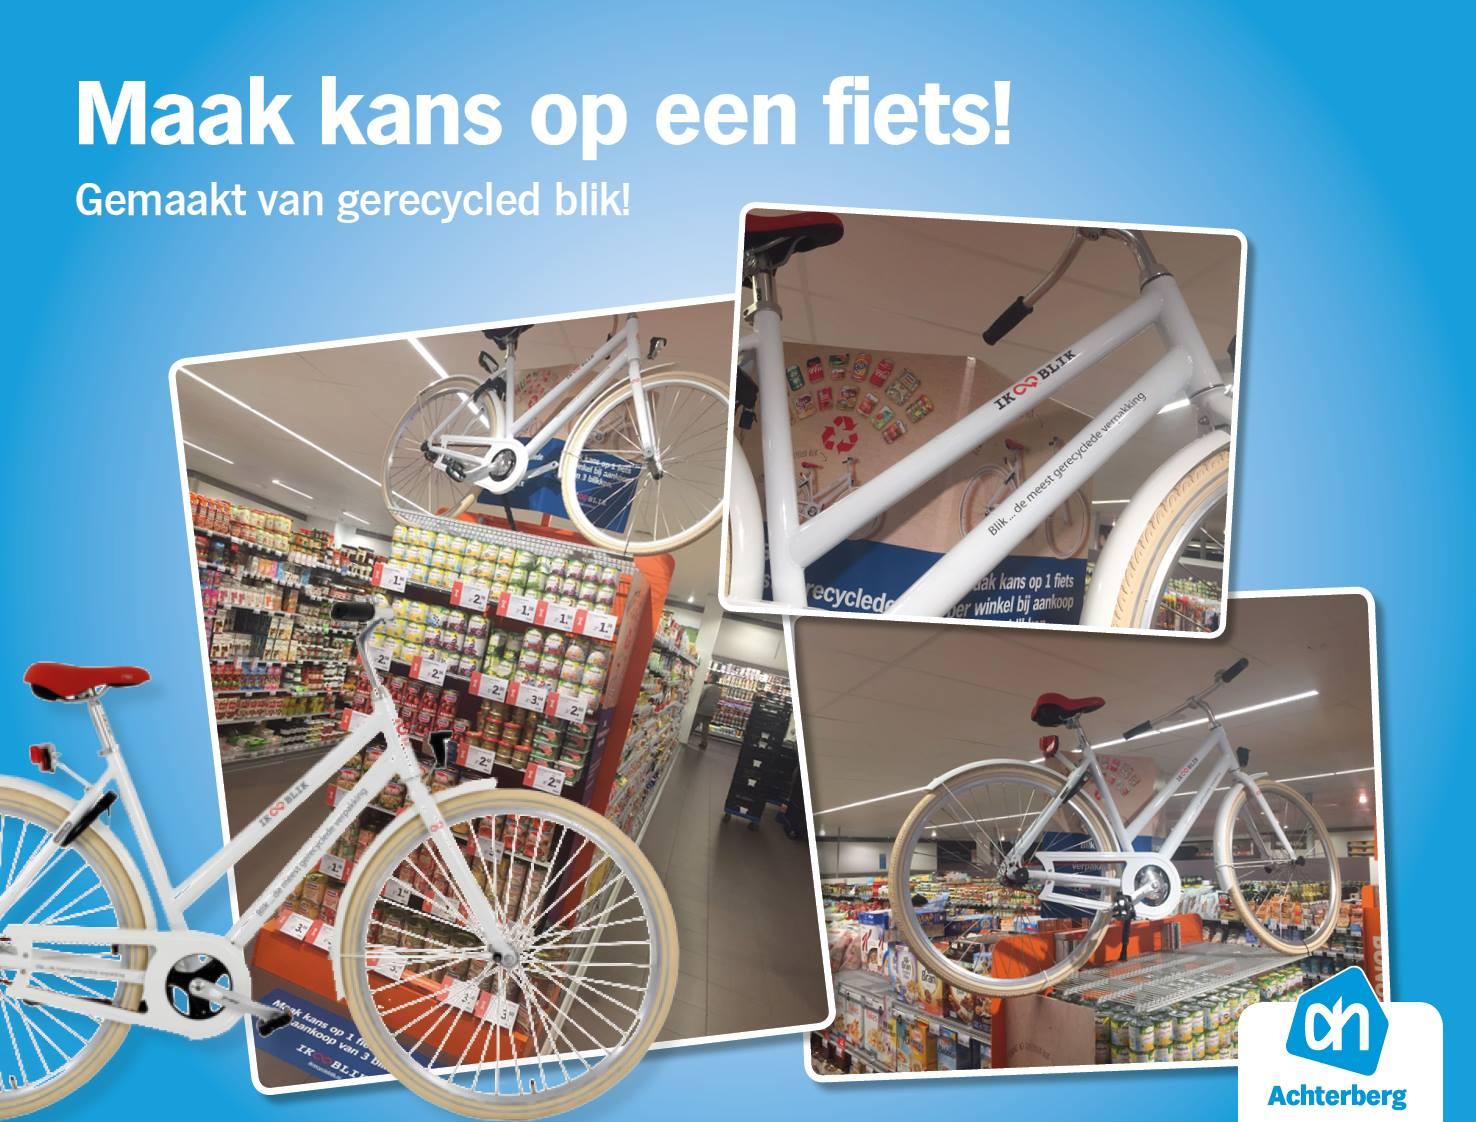 Maak kans op een fiets!